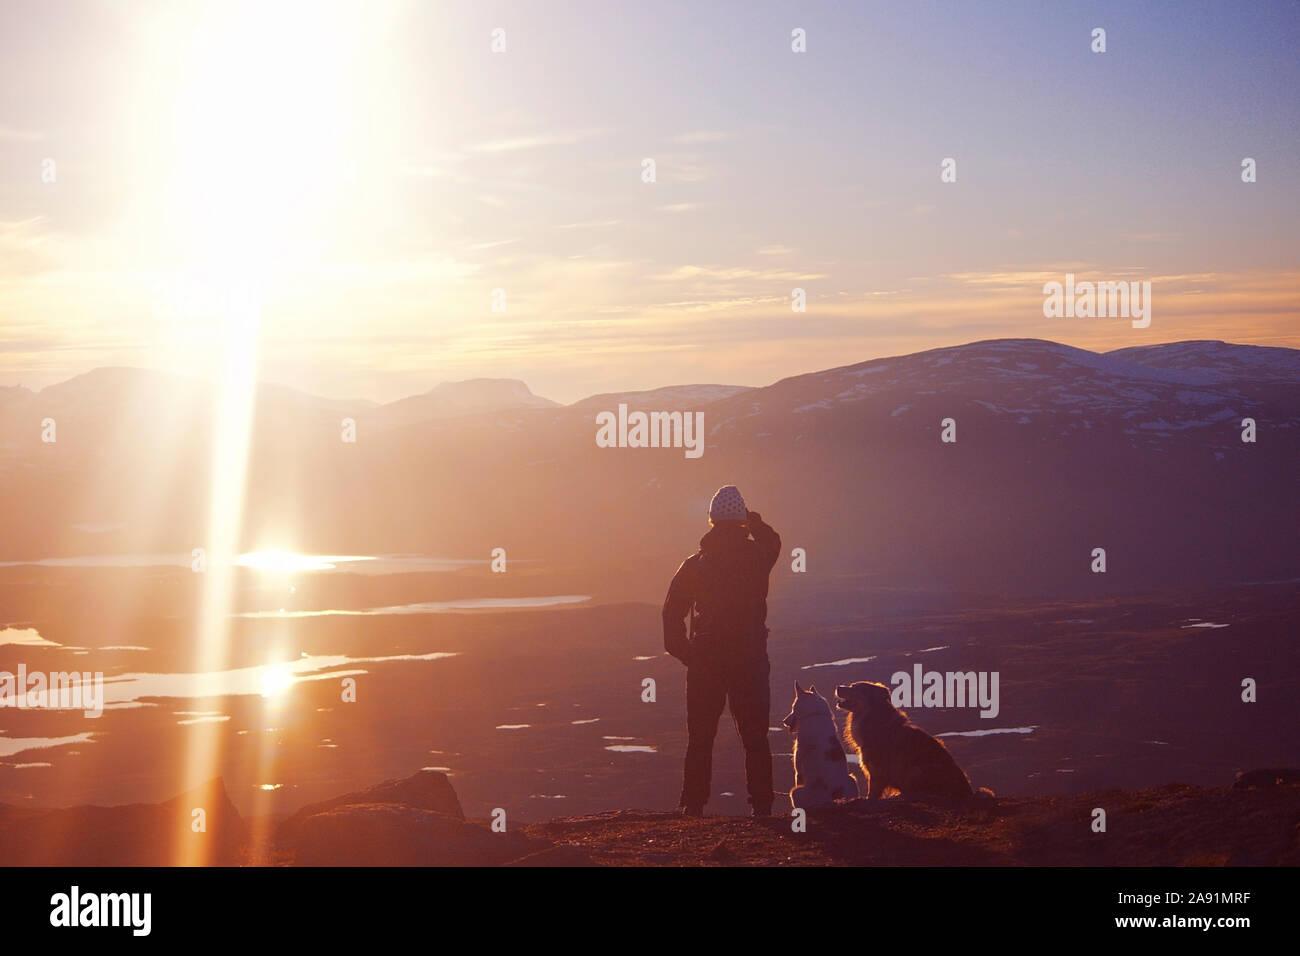 Persona con perros mirando las montañas Foto de stock